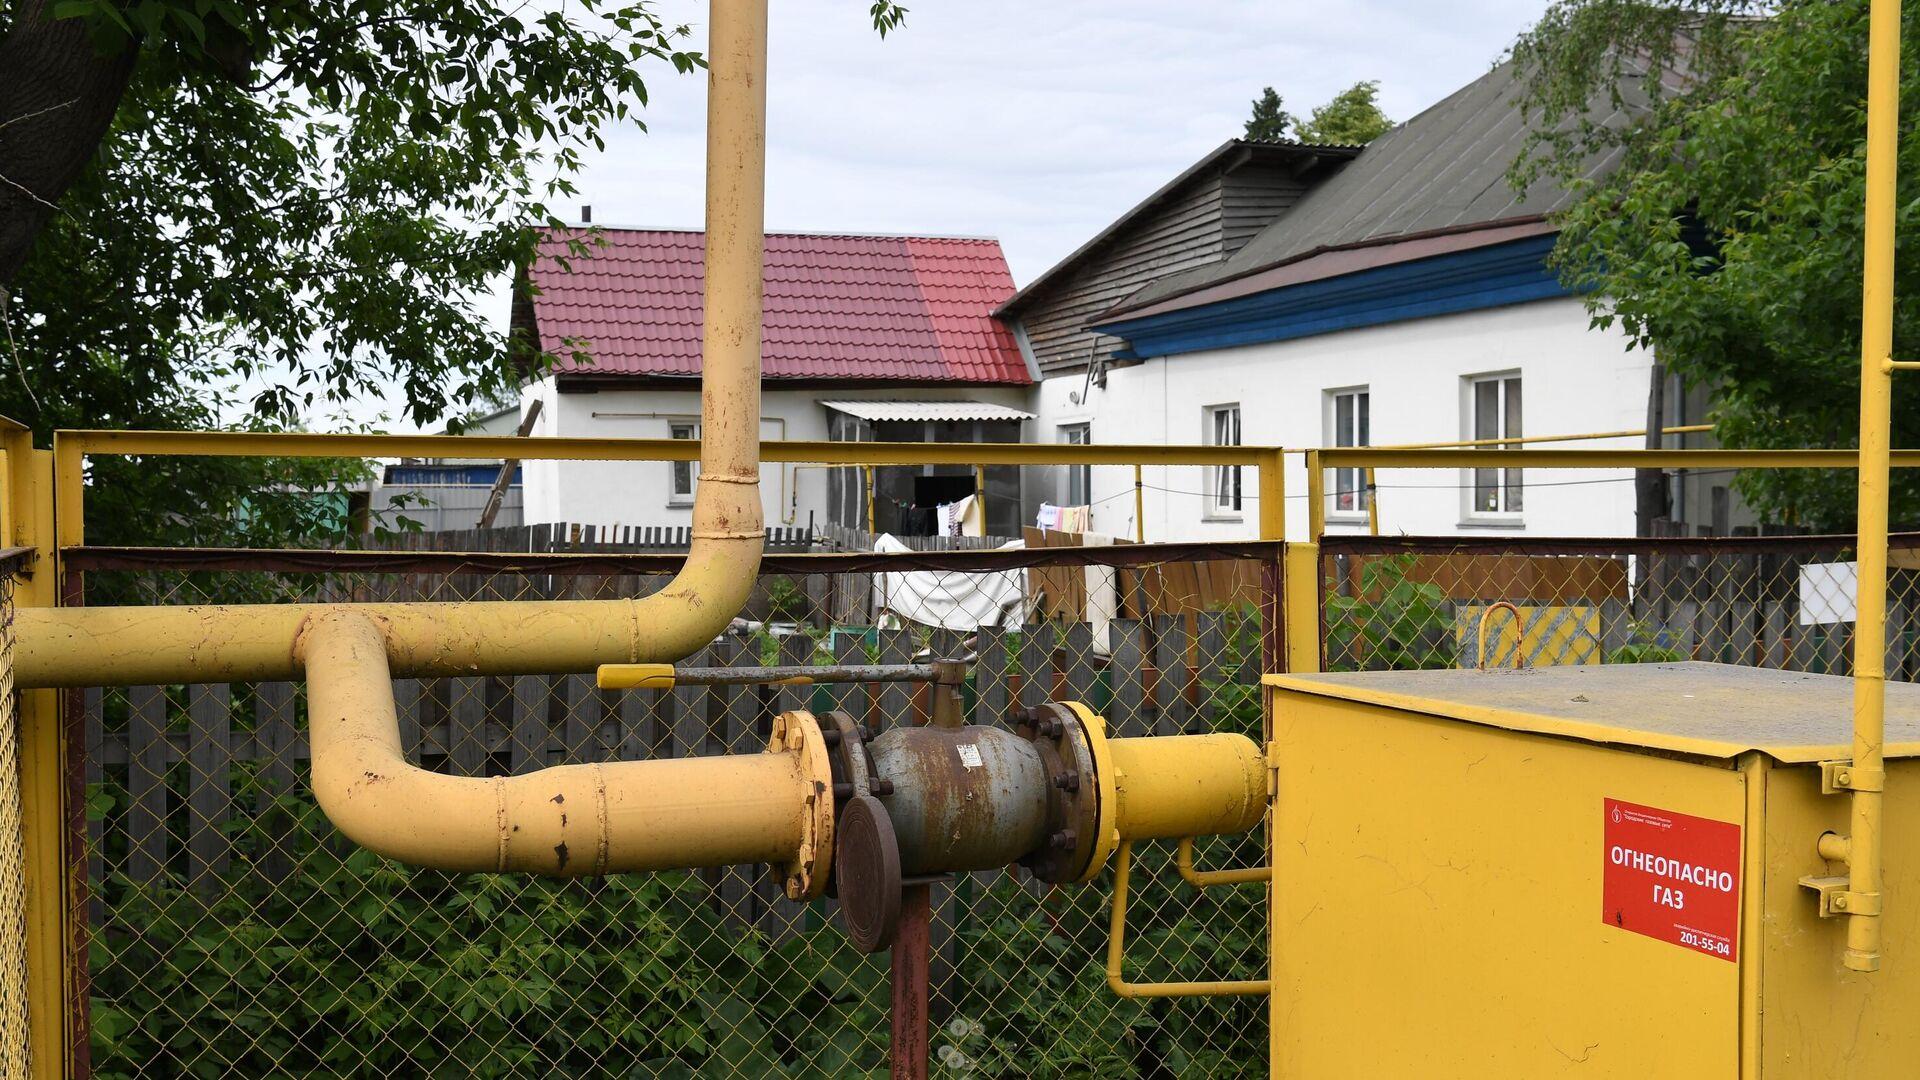 Газораспределительное устройство в секторе малоэтажной жилой застройки на окраине Новосибирска. - РИА Новости, 1920, 28.09.2021